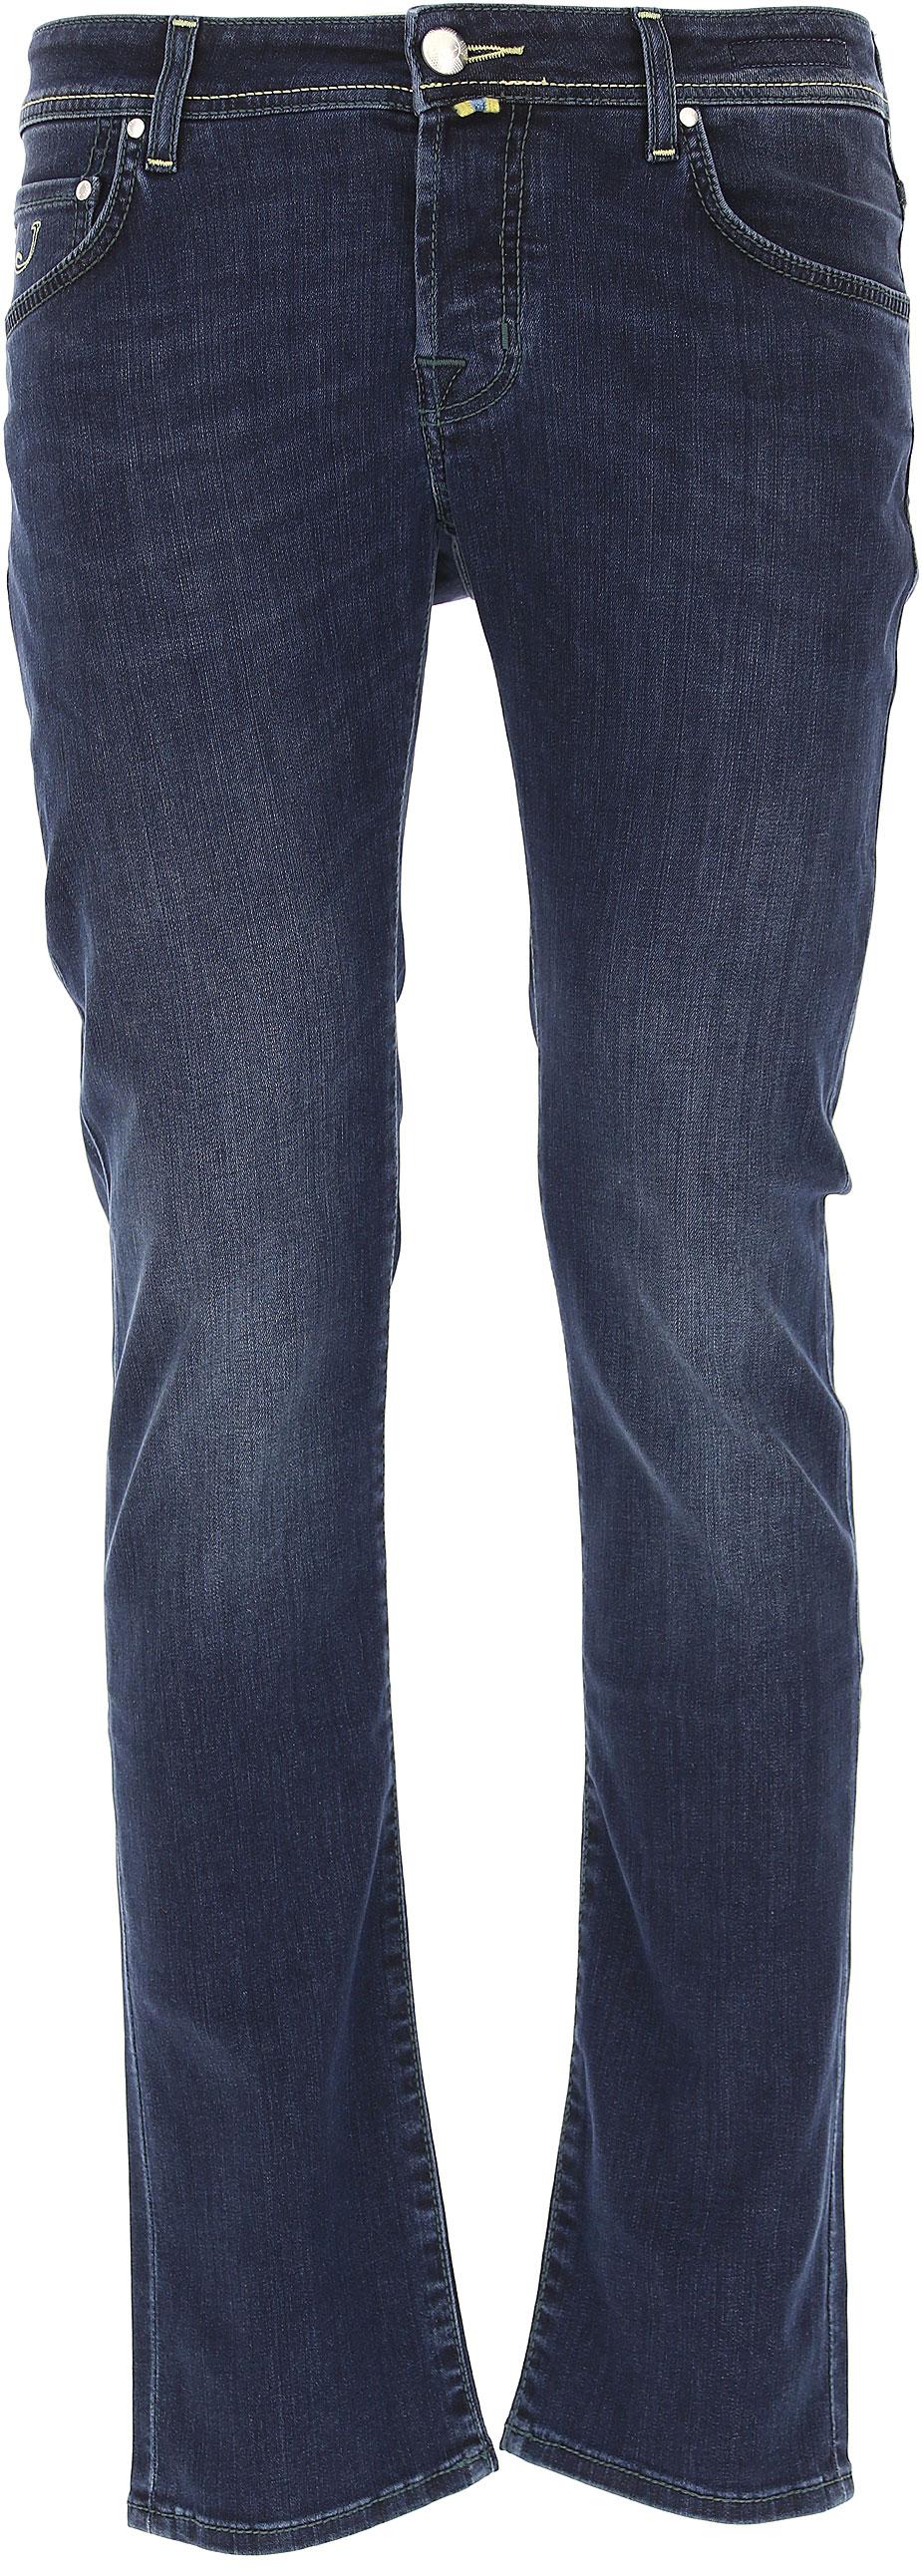 Abbigliamento Uomo Jacob Cohen, Codice Articolo: pw622-00514w2-4902